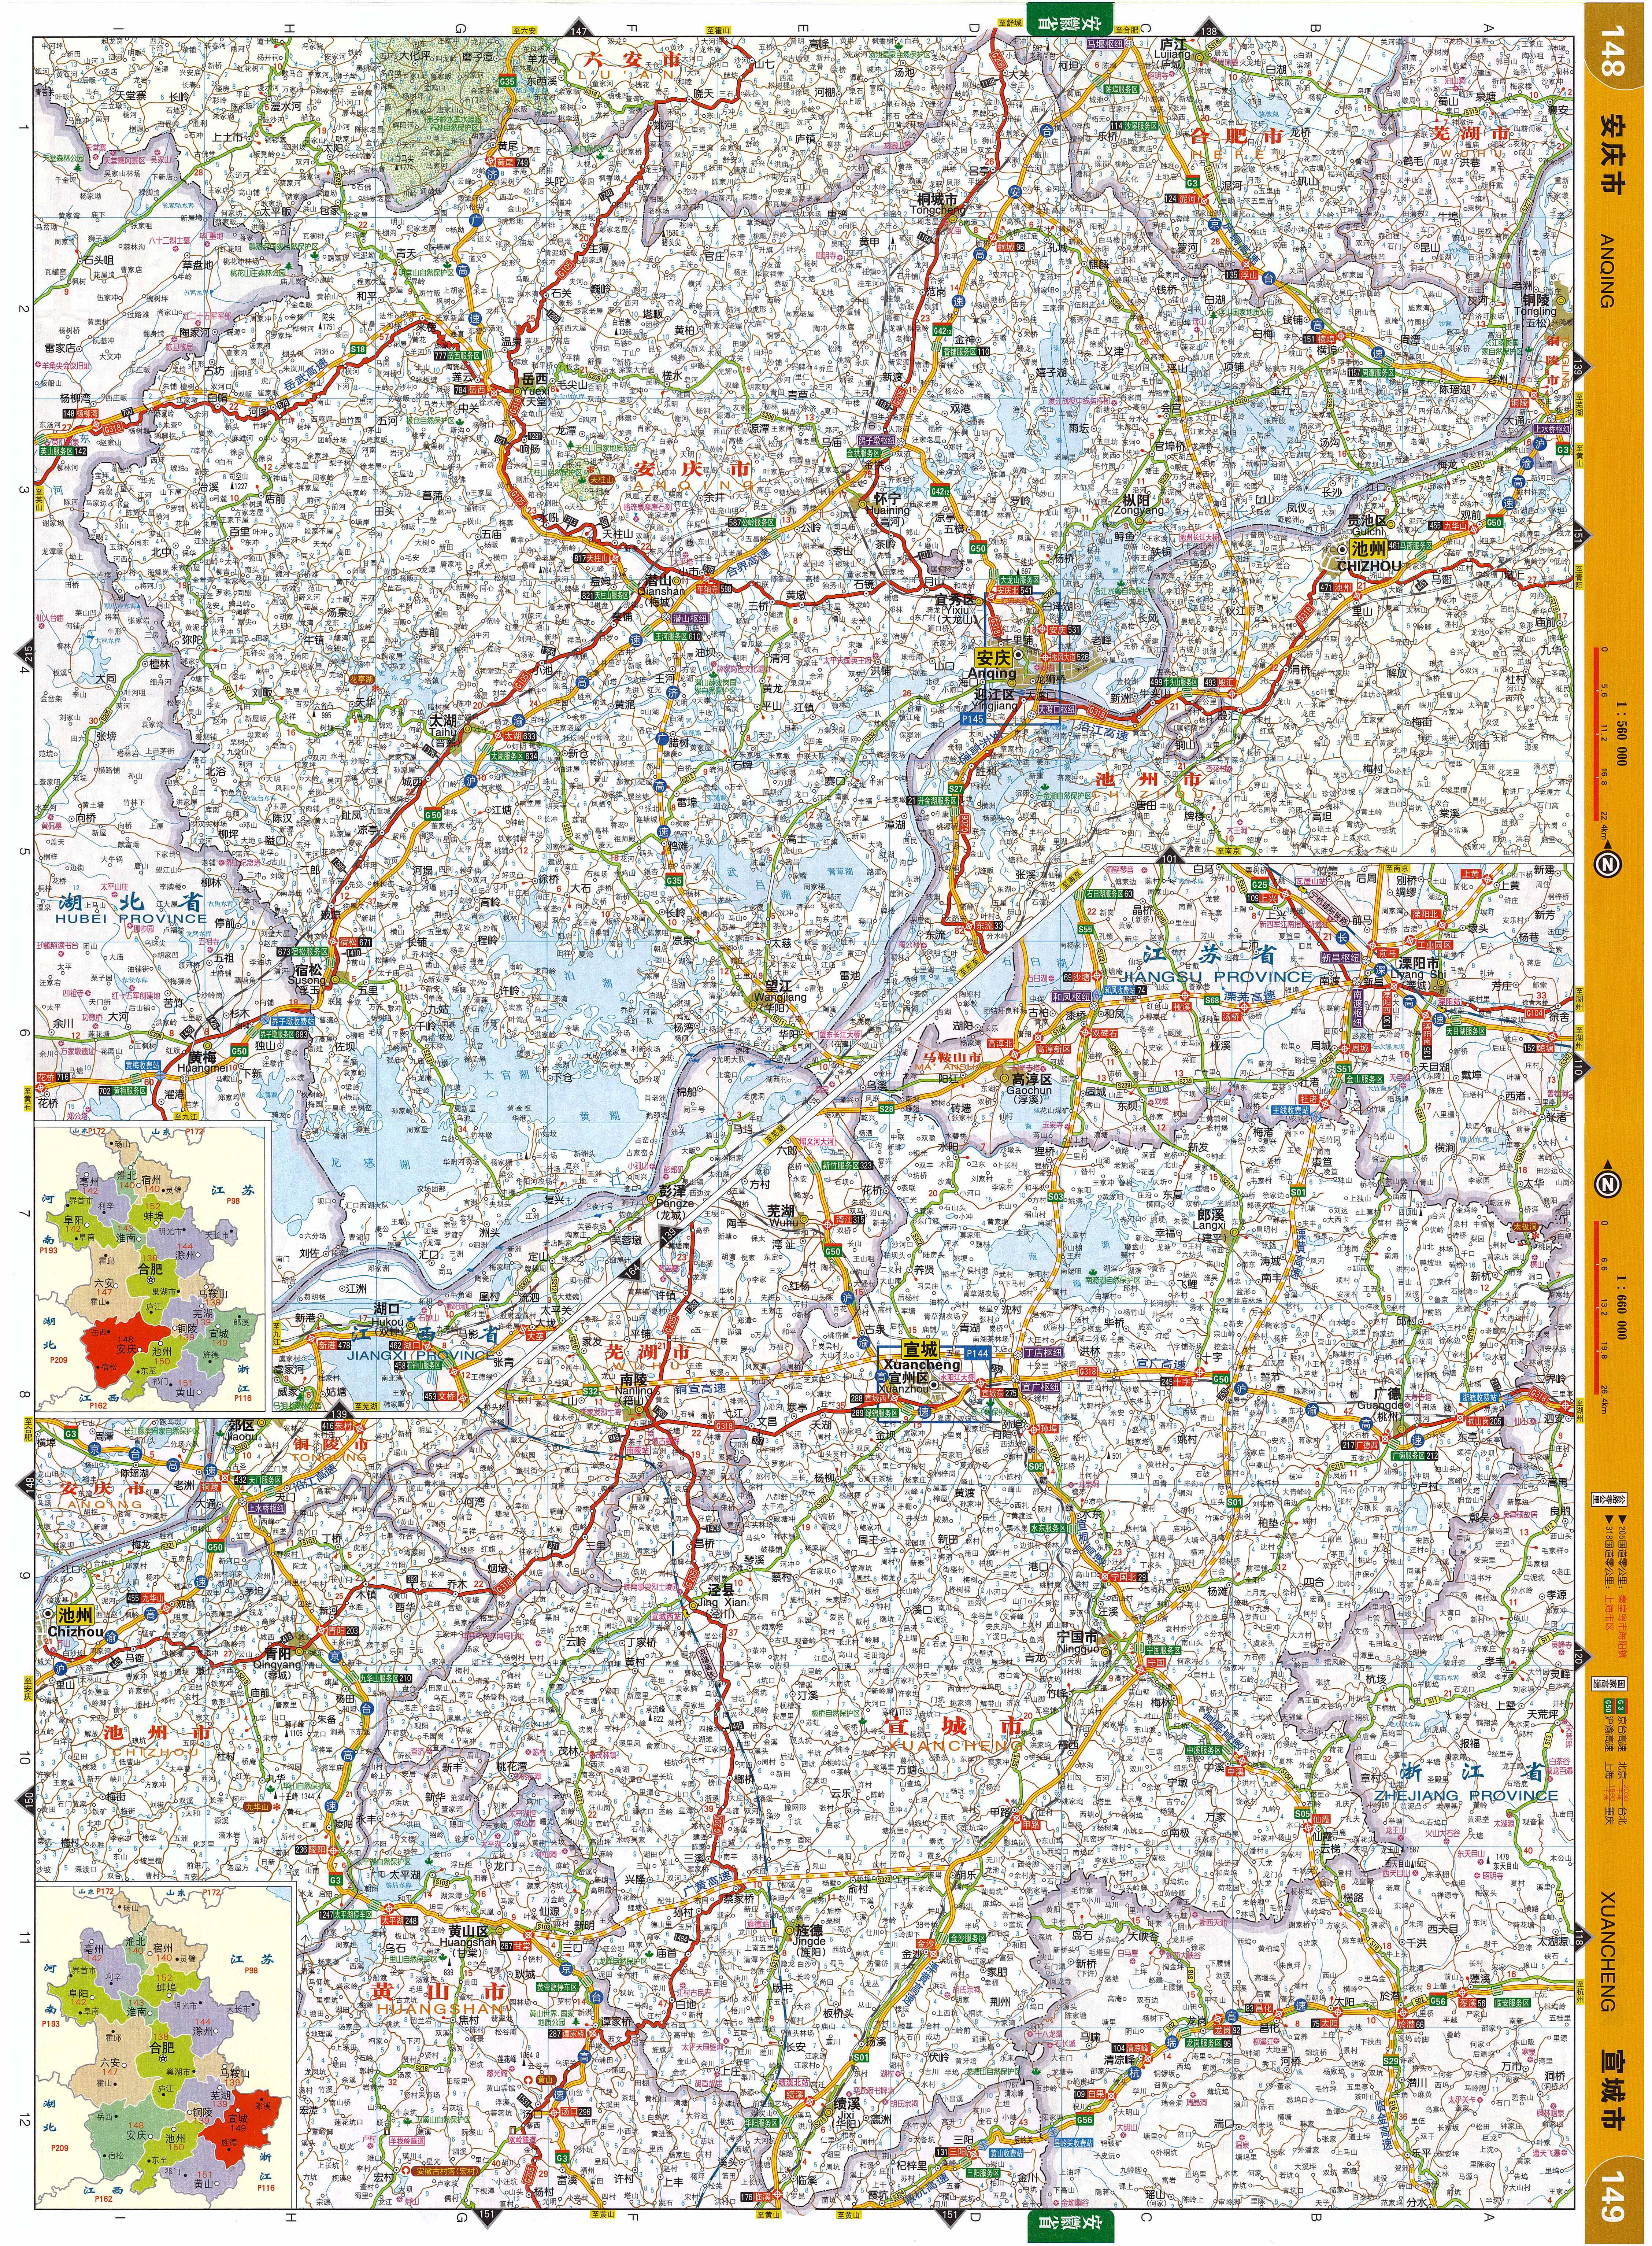 安庆市,宣城市交通地图